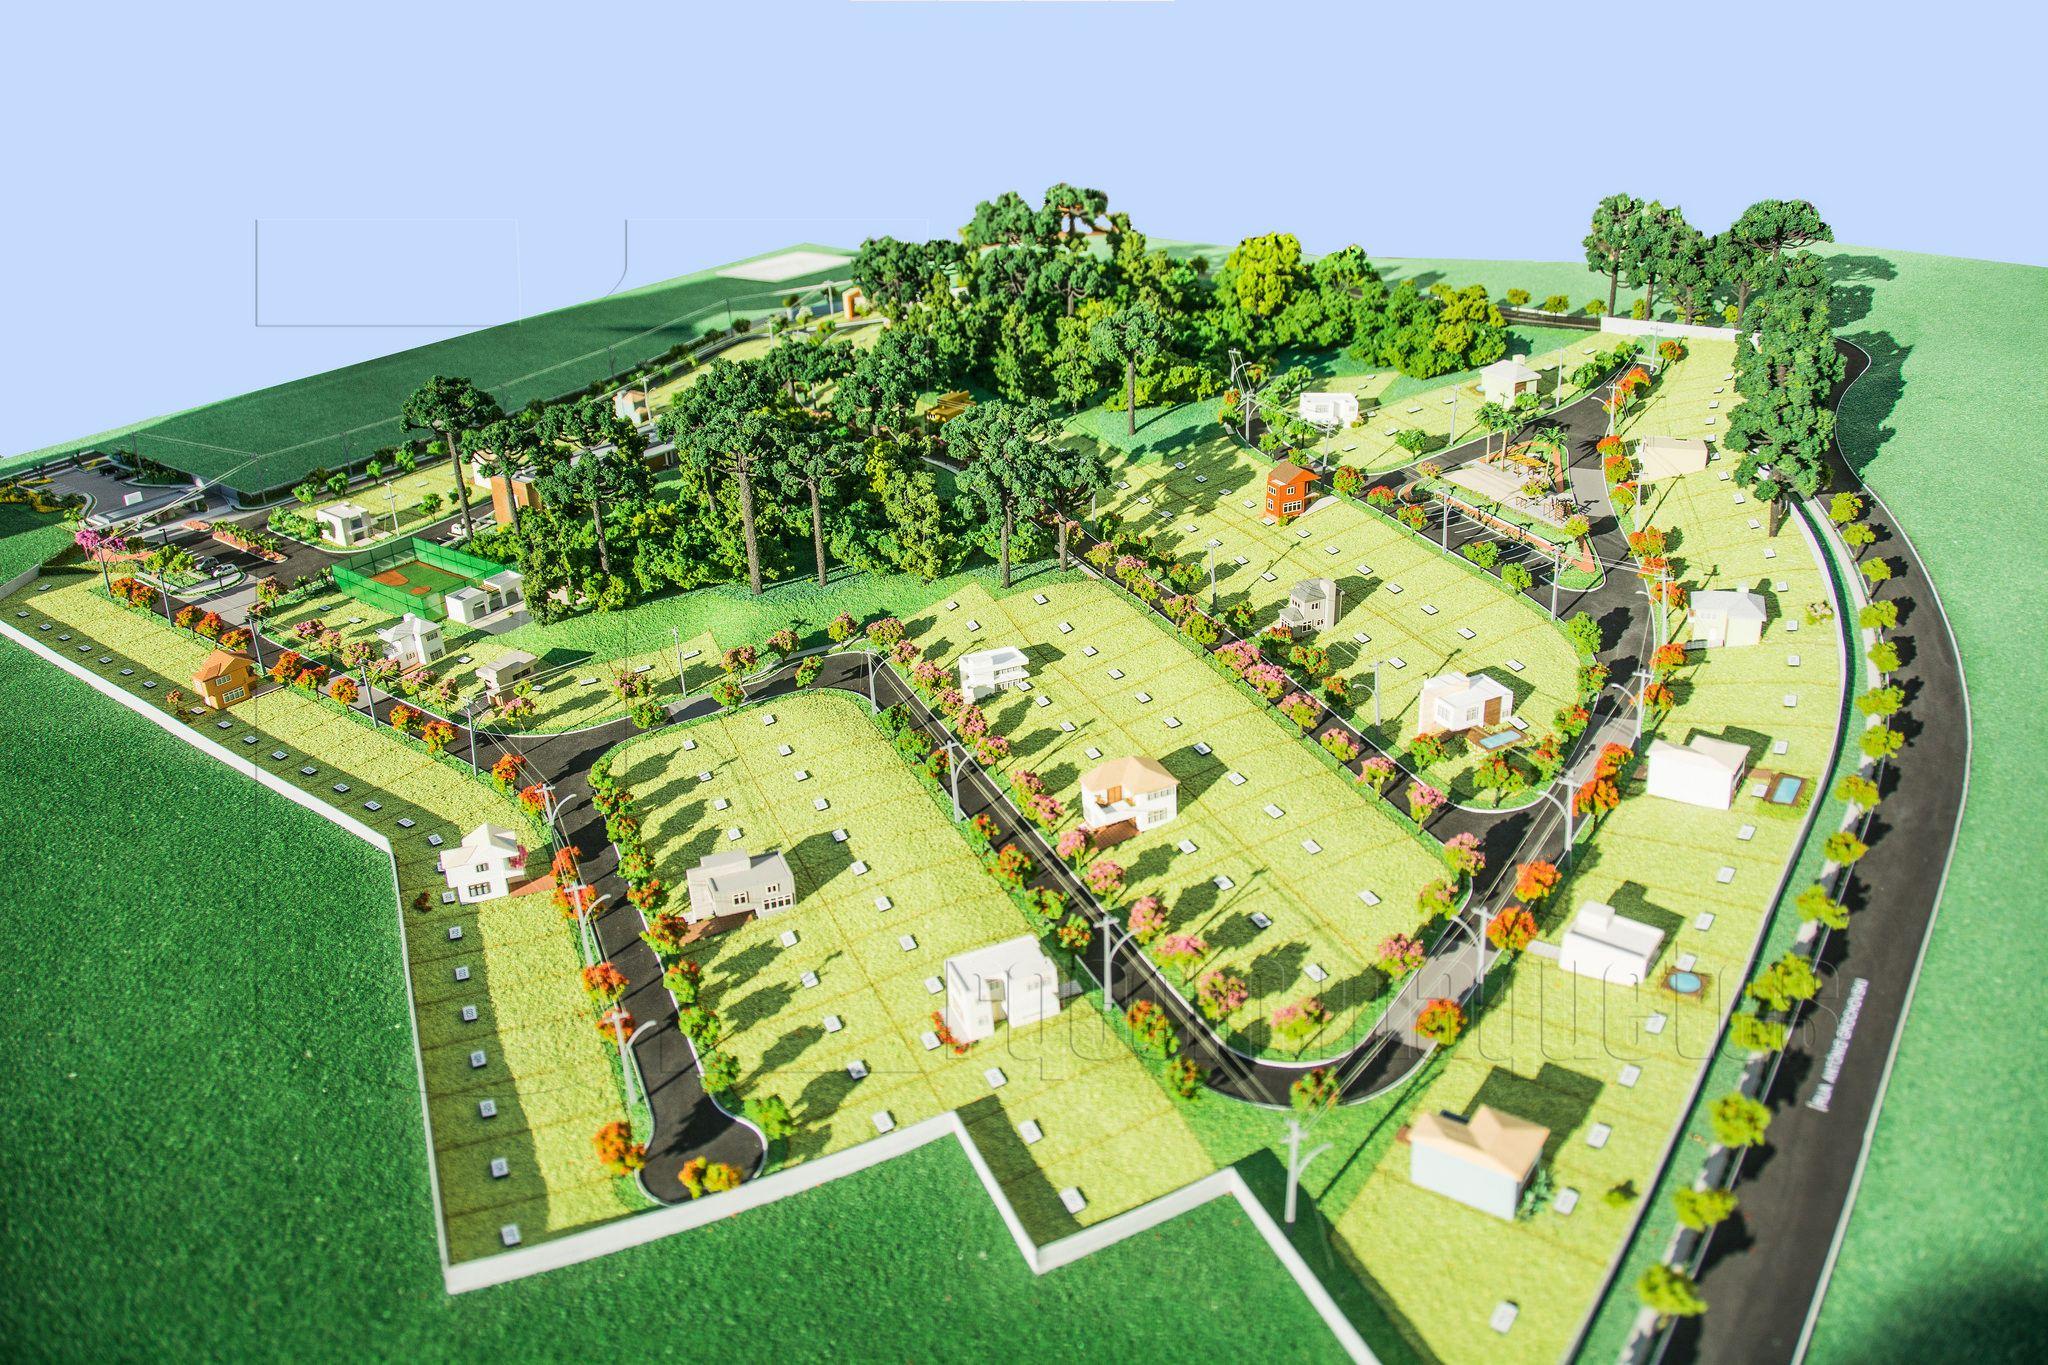 Loteamento Landscape Design Plans City Farm Scale Model Building